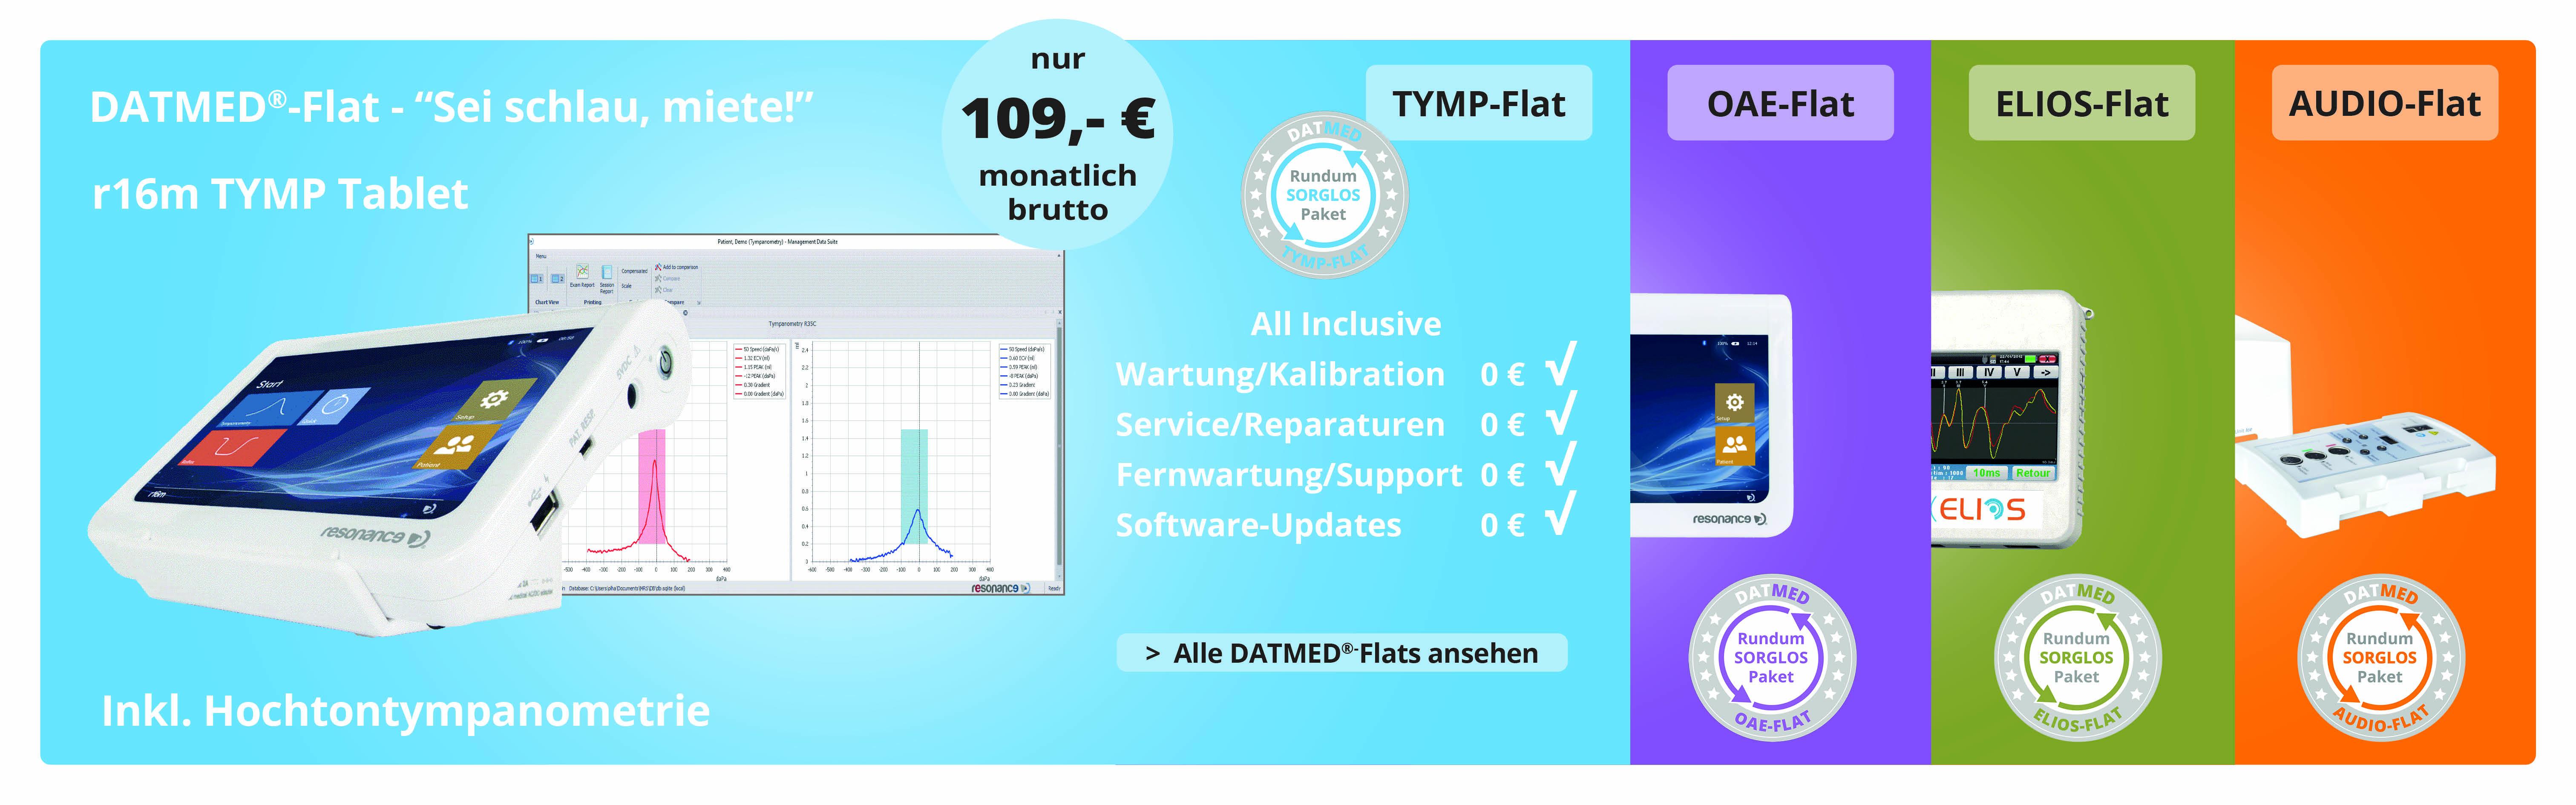 TYMP-Flat